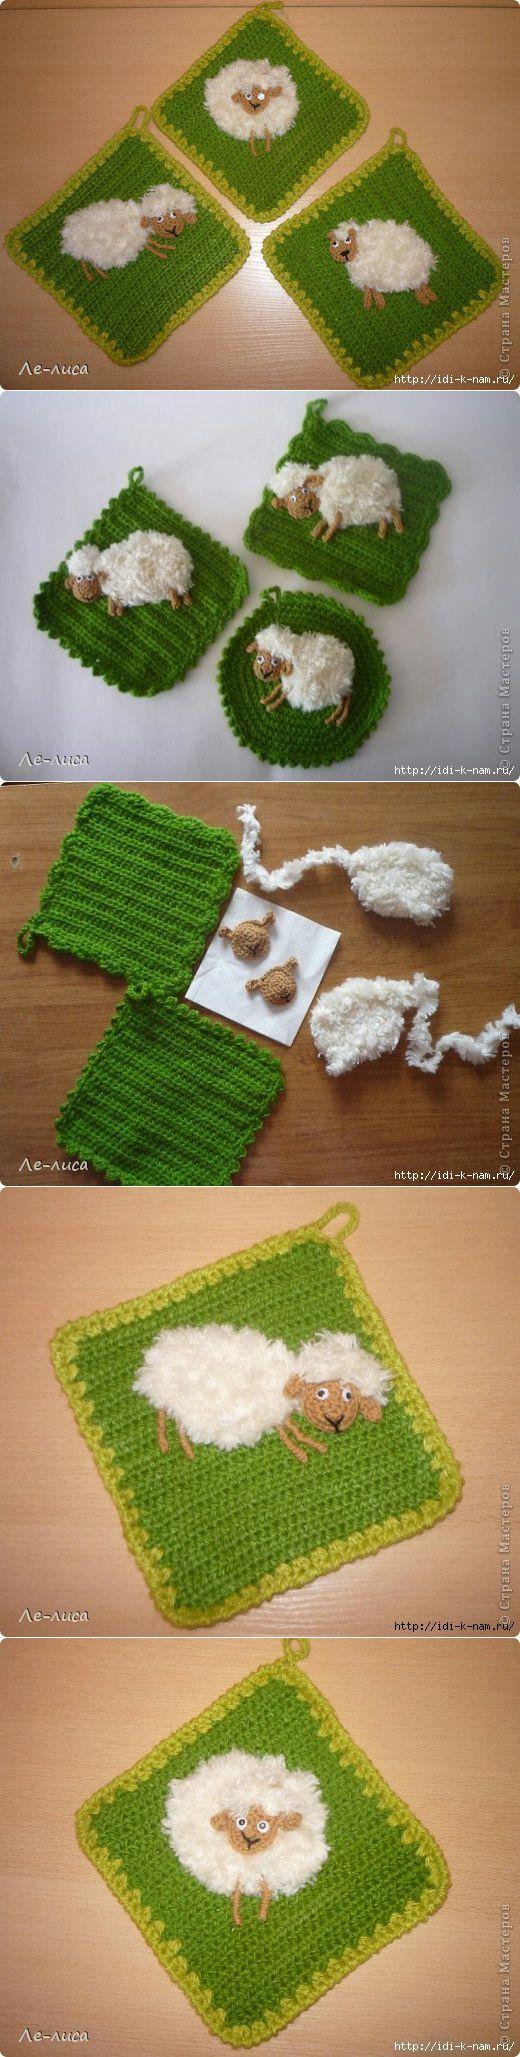 Tutorial piastrelle con fiori uncinetto crochet (2)